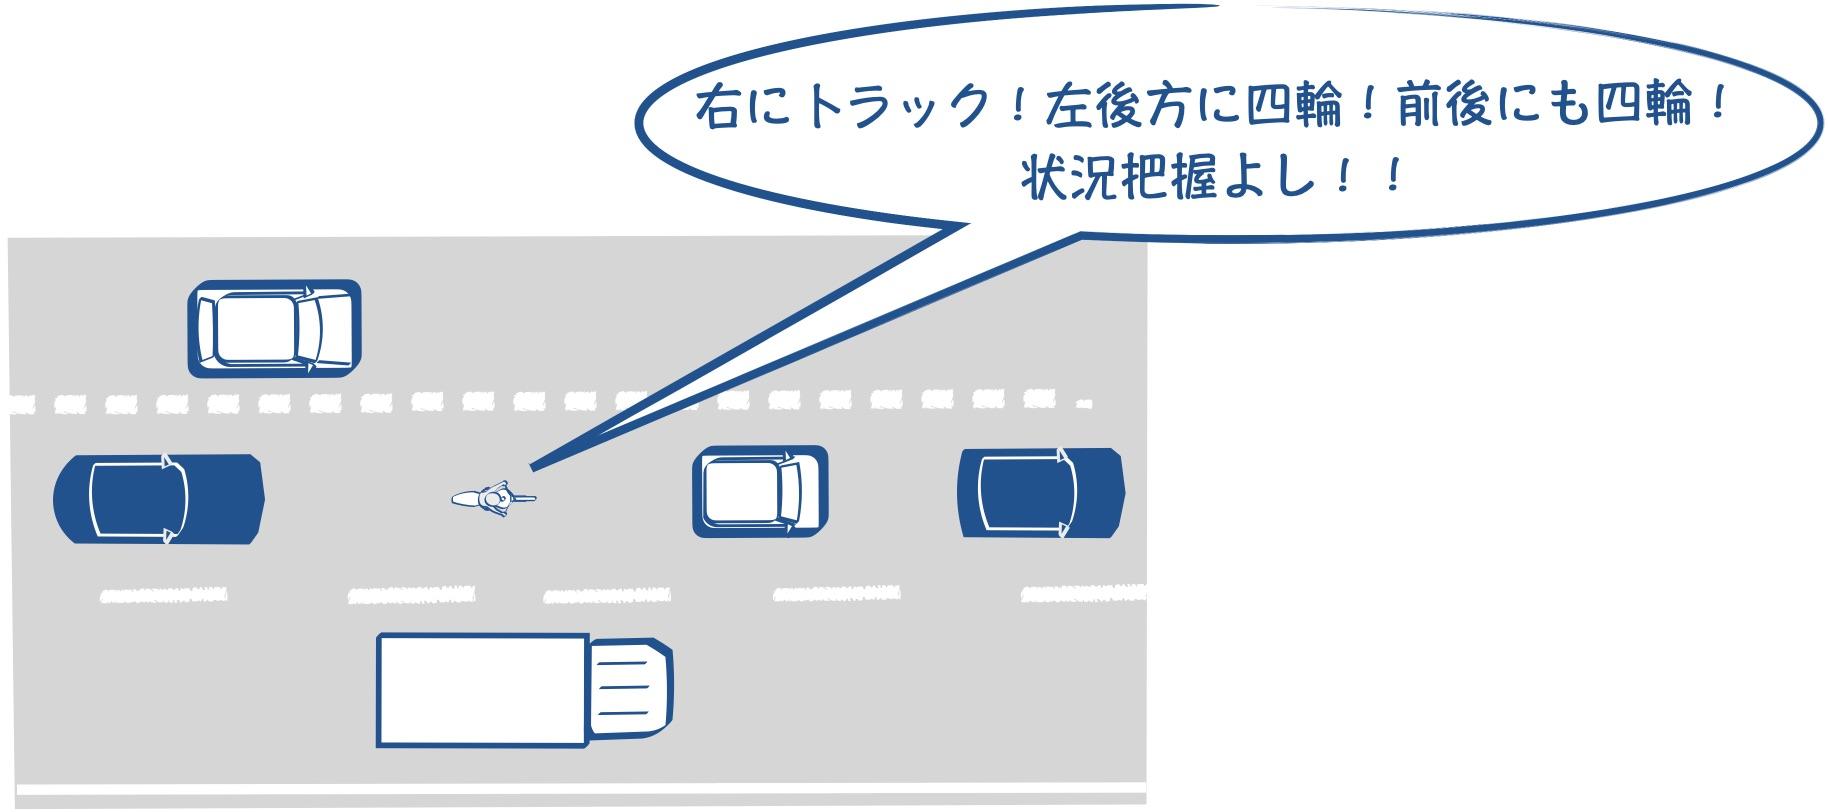 バイクが高速で状況確認の図